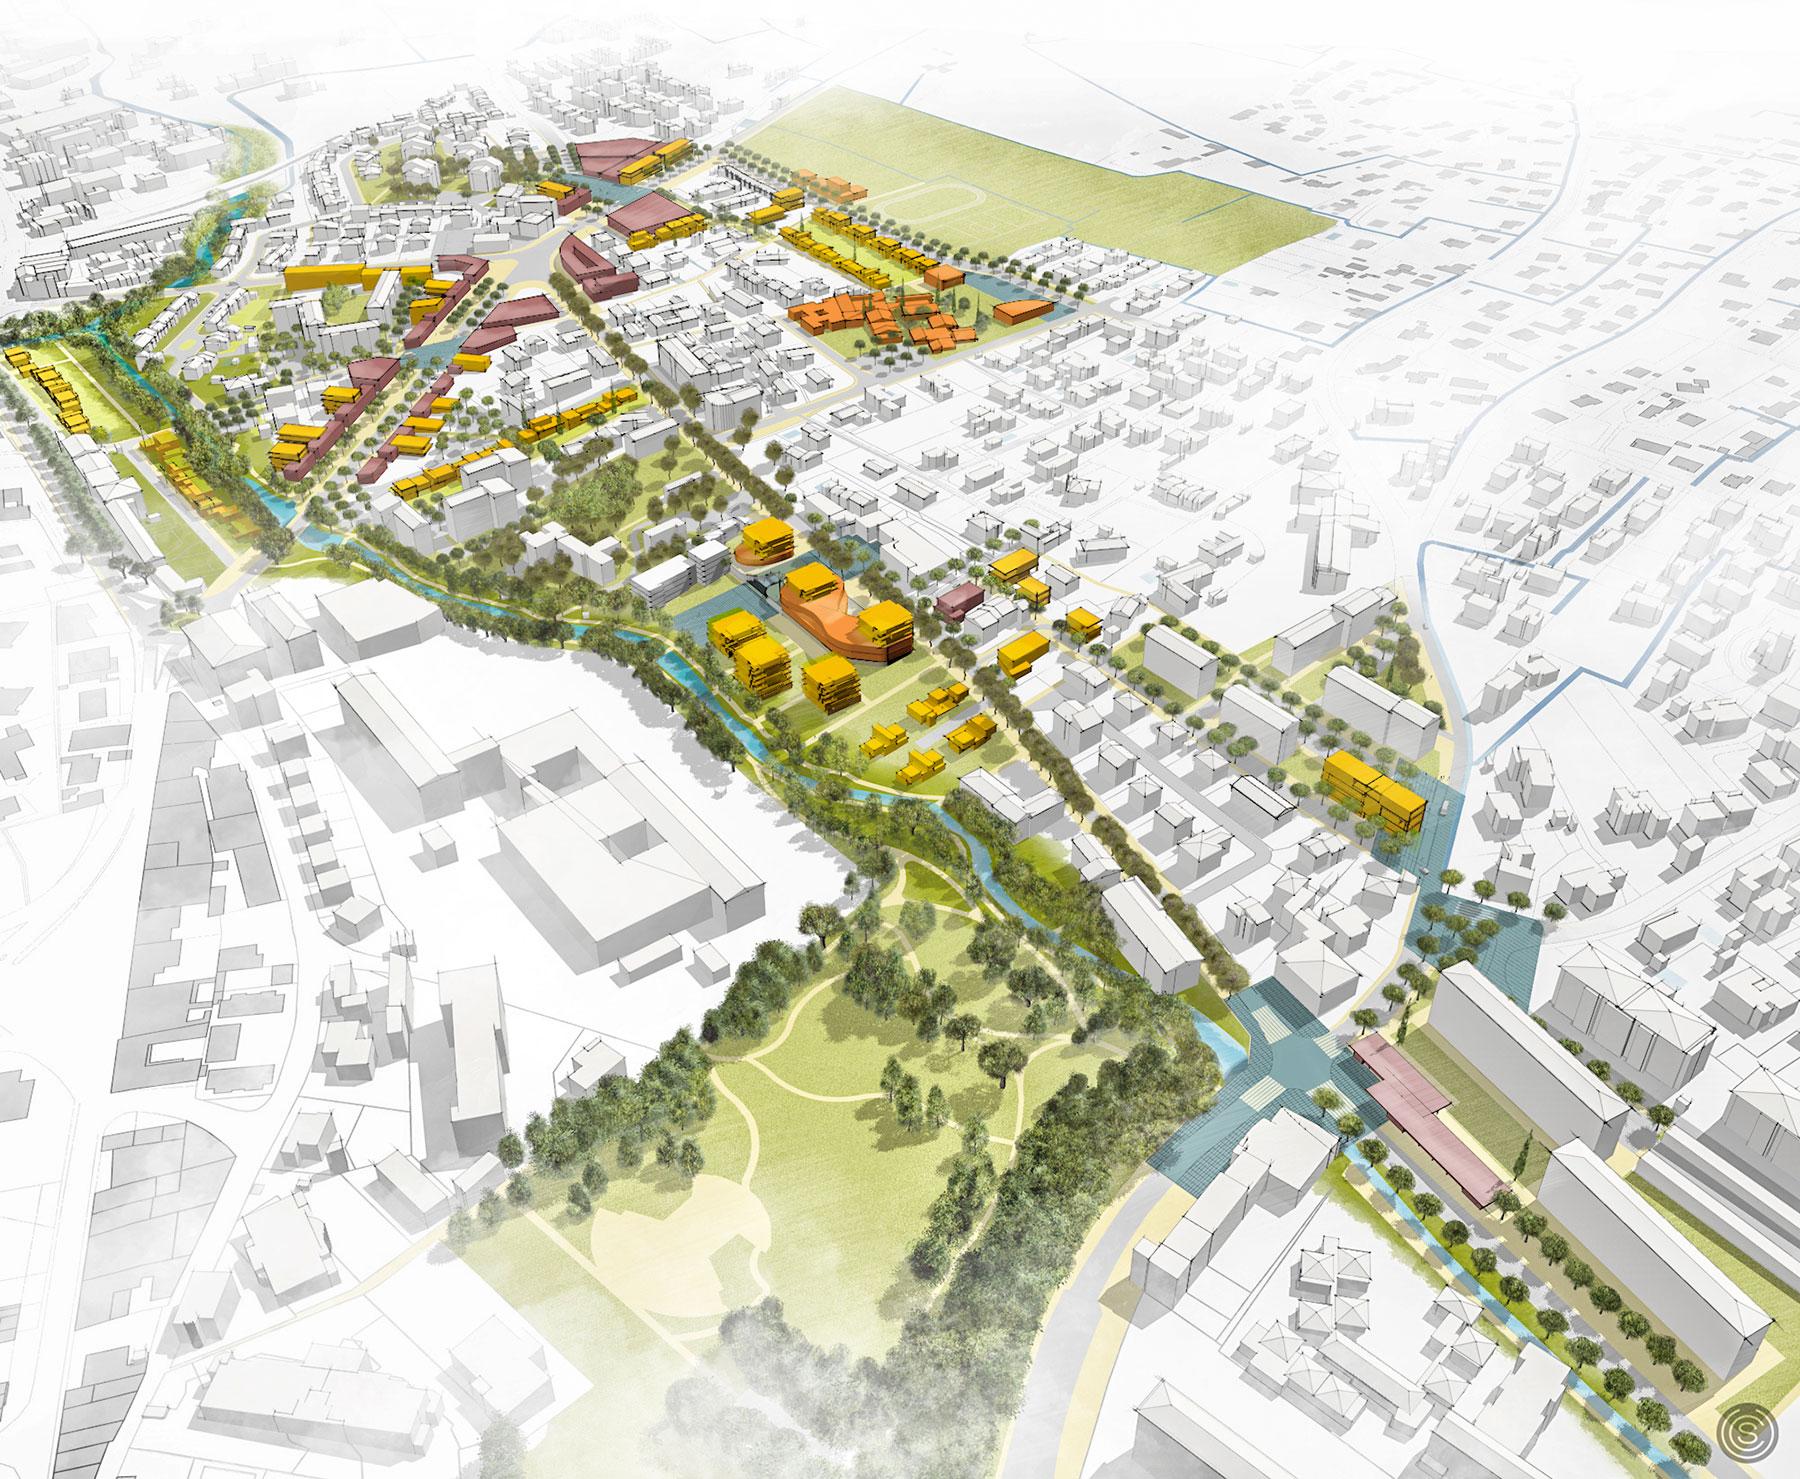 SAFRAN Manosque urbanisme rénovation urbaine